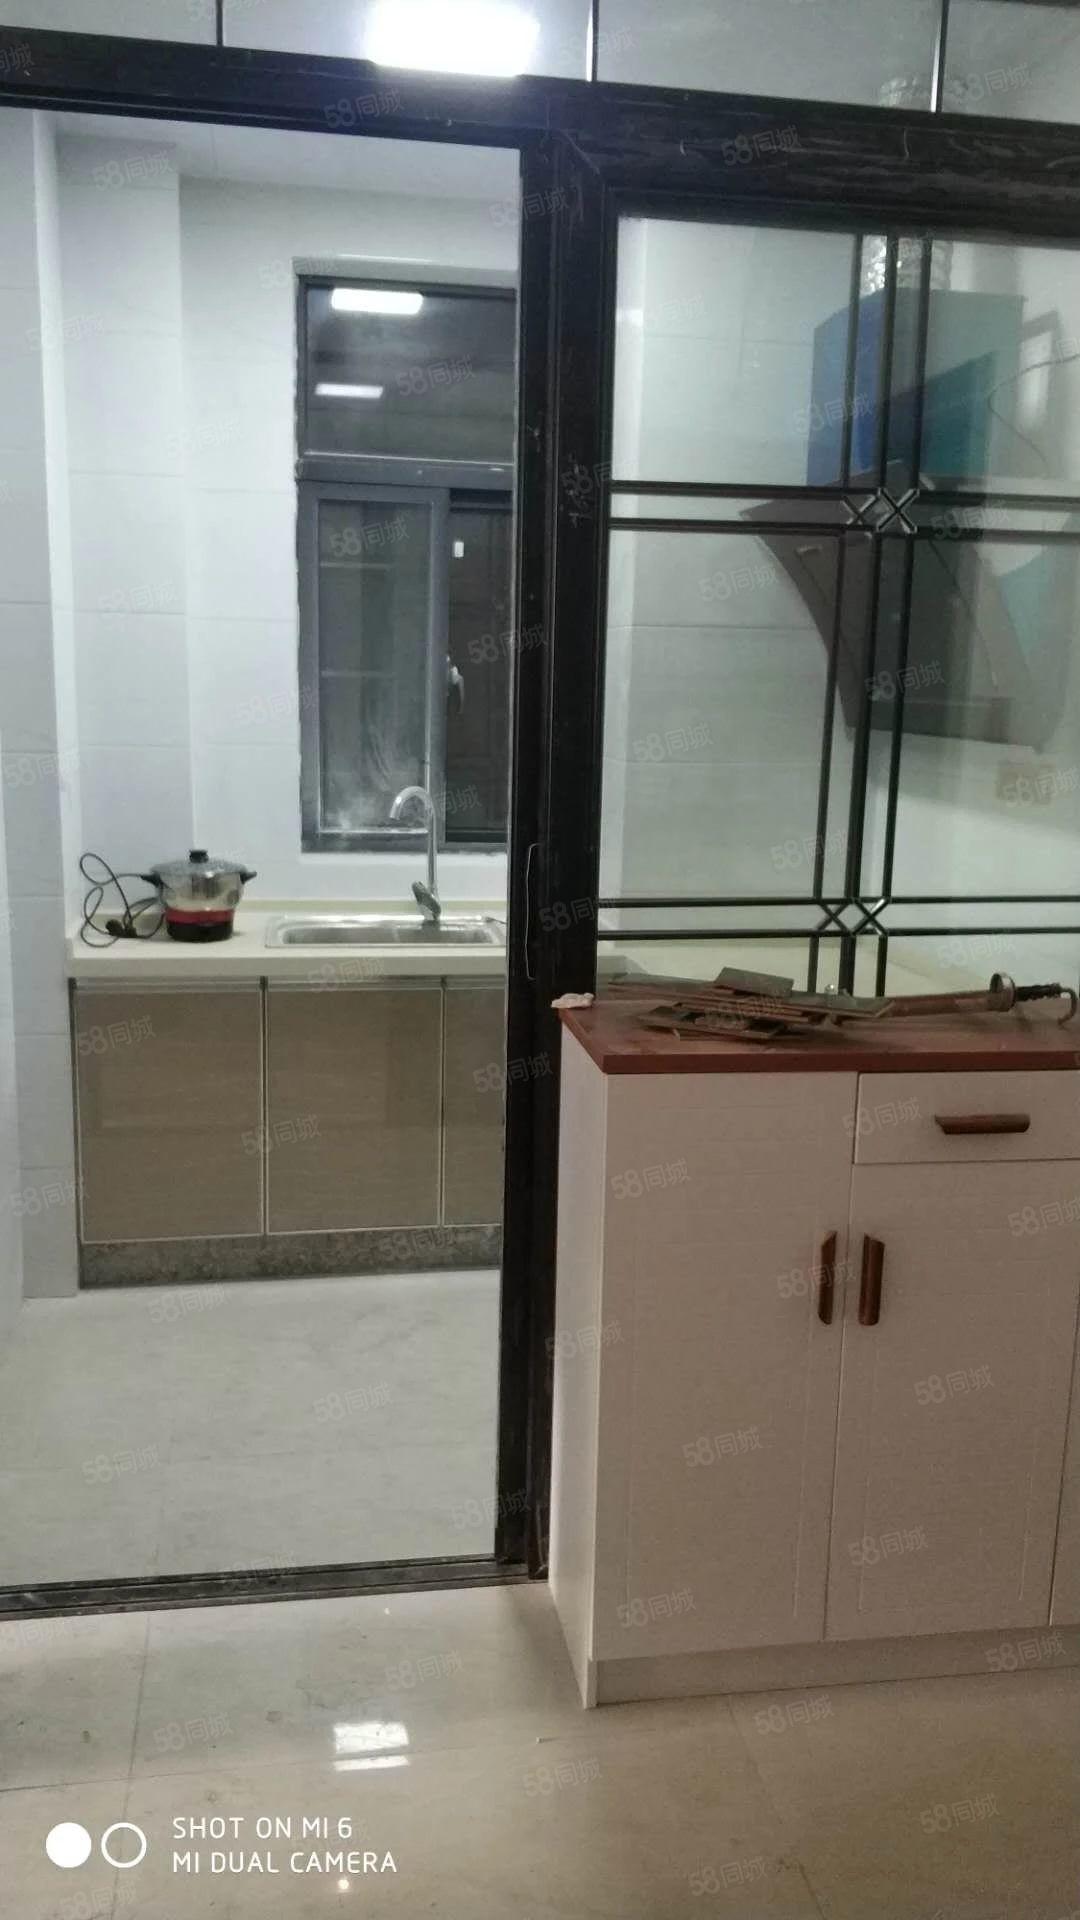 金色东方公寓楼四室一厅简单装修拎包入住可以合租